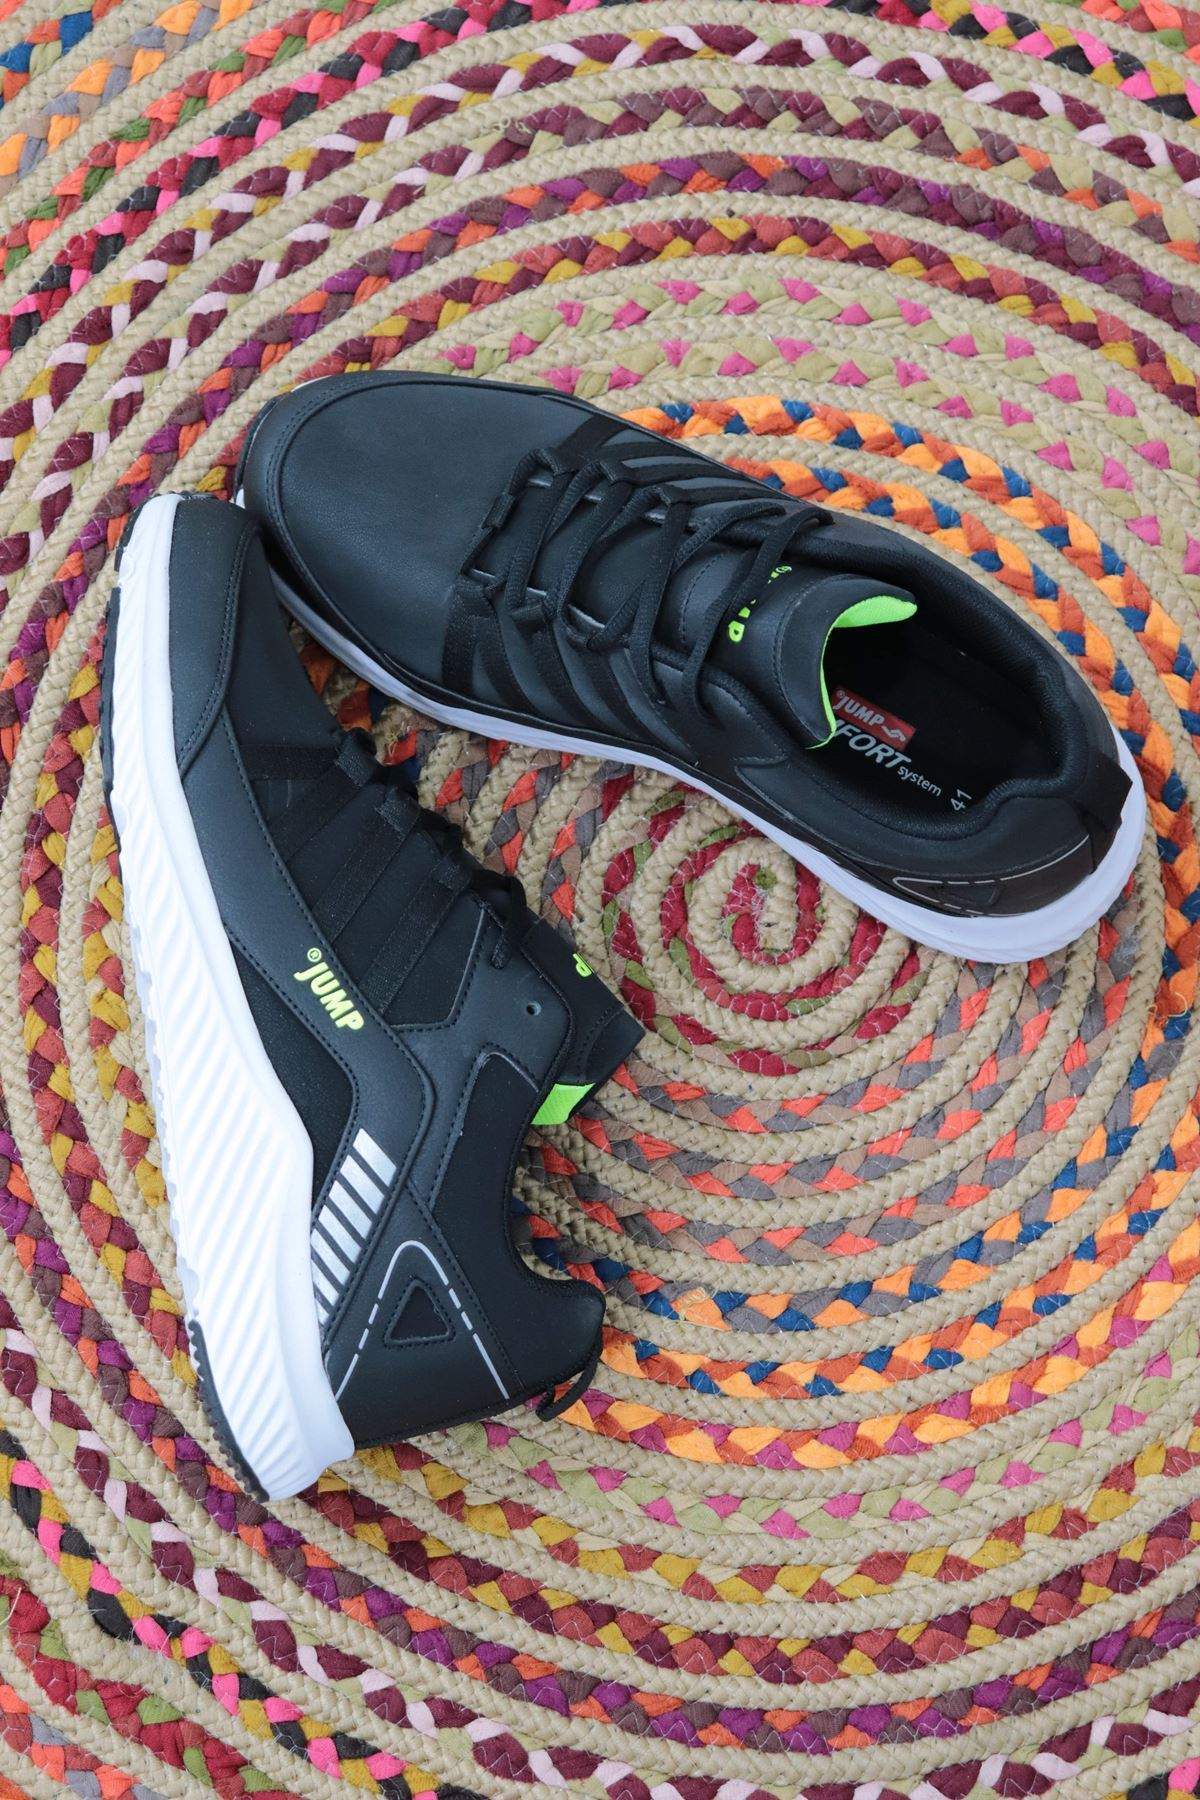 JUMP - 25932 - Siyah - Neon Yeşil Spor Ayakkabısı